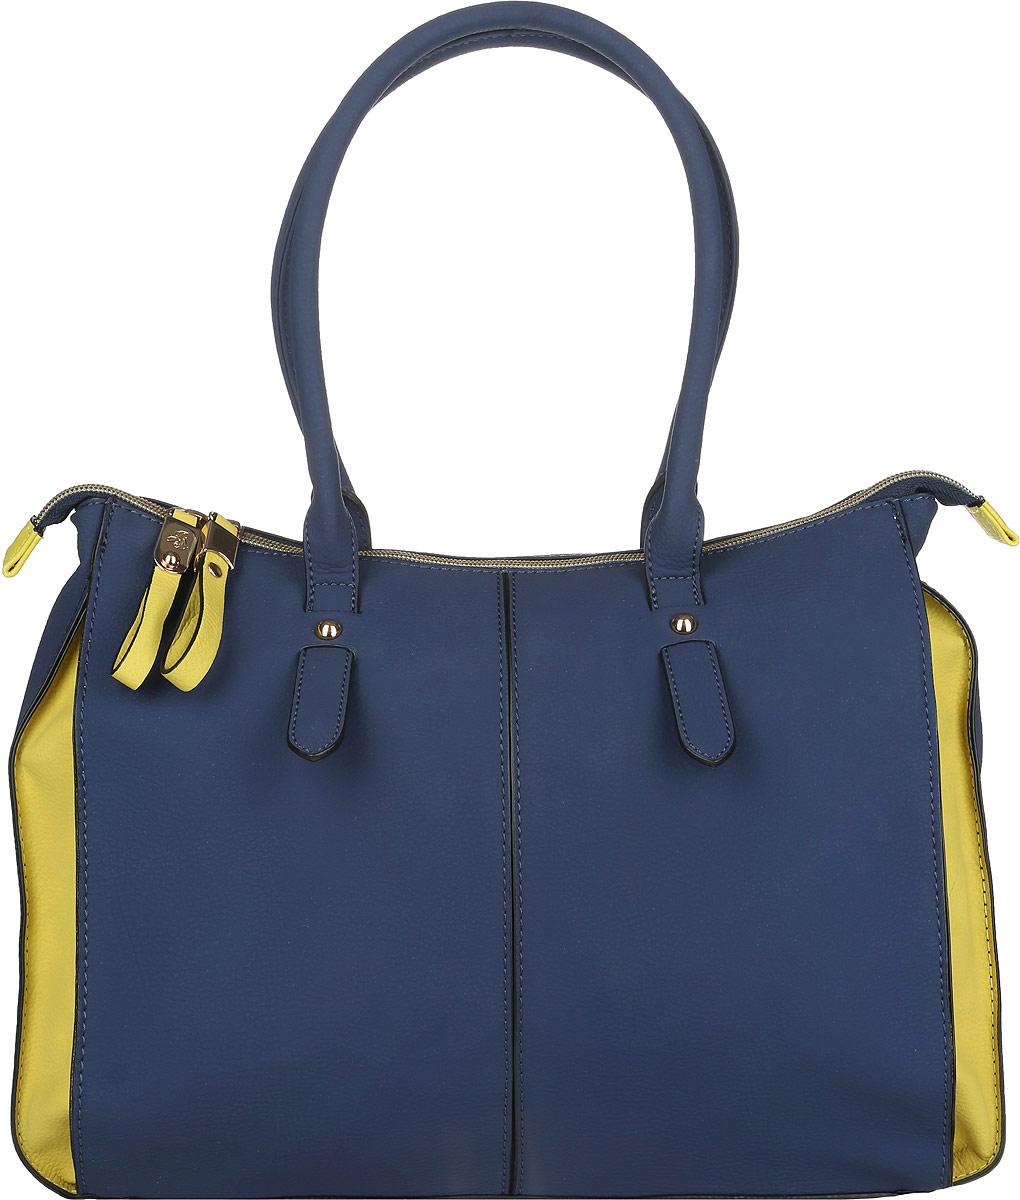 Сумка женская Jane Shilton, цвет: темно-синий, желтый. 2055747998-101Стильная женская сумка Jane Shilton выполнена из искусственной кожи с фактурным тиснением. Изделие имеет одно основное отделение, разделенное пополам карманом-средником на застежке-молнии. Закрывается изделие на застежку-молнию. Внутри находятся прорезной карман на застежке-молнии и накладной открытый карман. Снаружи, на задней стенке расположен прорезной карман на застежке-молнии. Модель оснащена двумя удобными ручками. Роскошная сумка внесет элегантные нотки в ваш образ и подчеркнет ваше отменное чувство стиля.